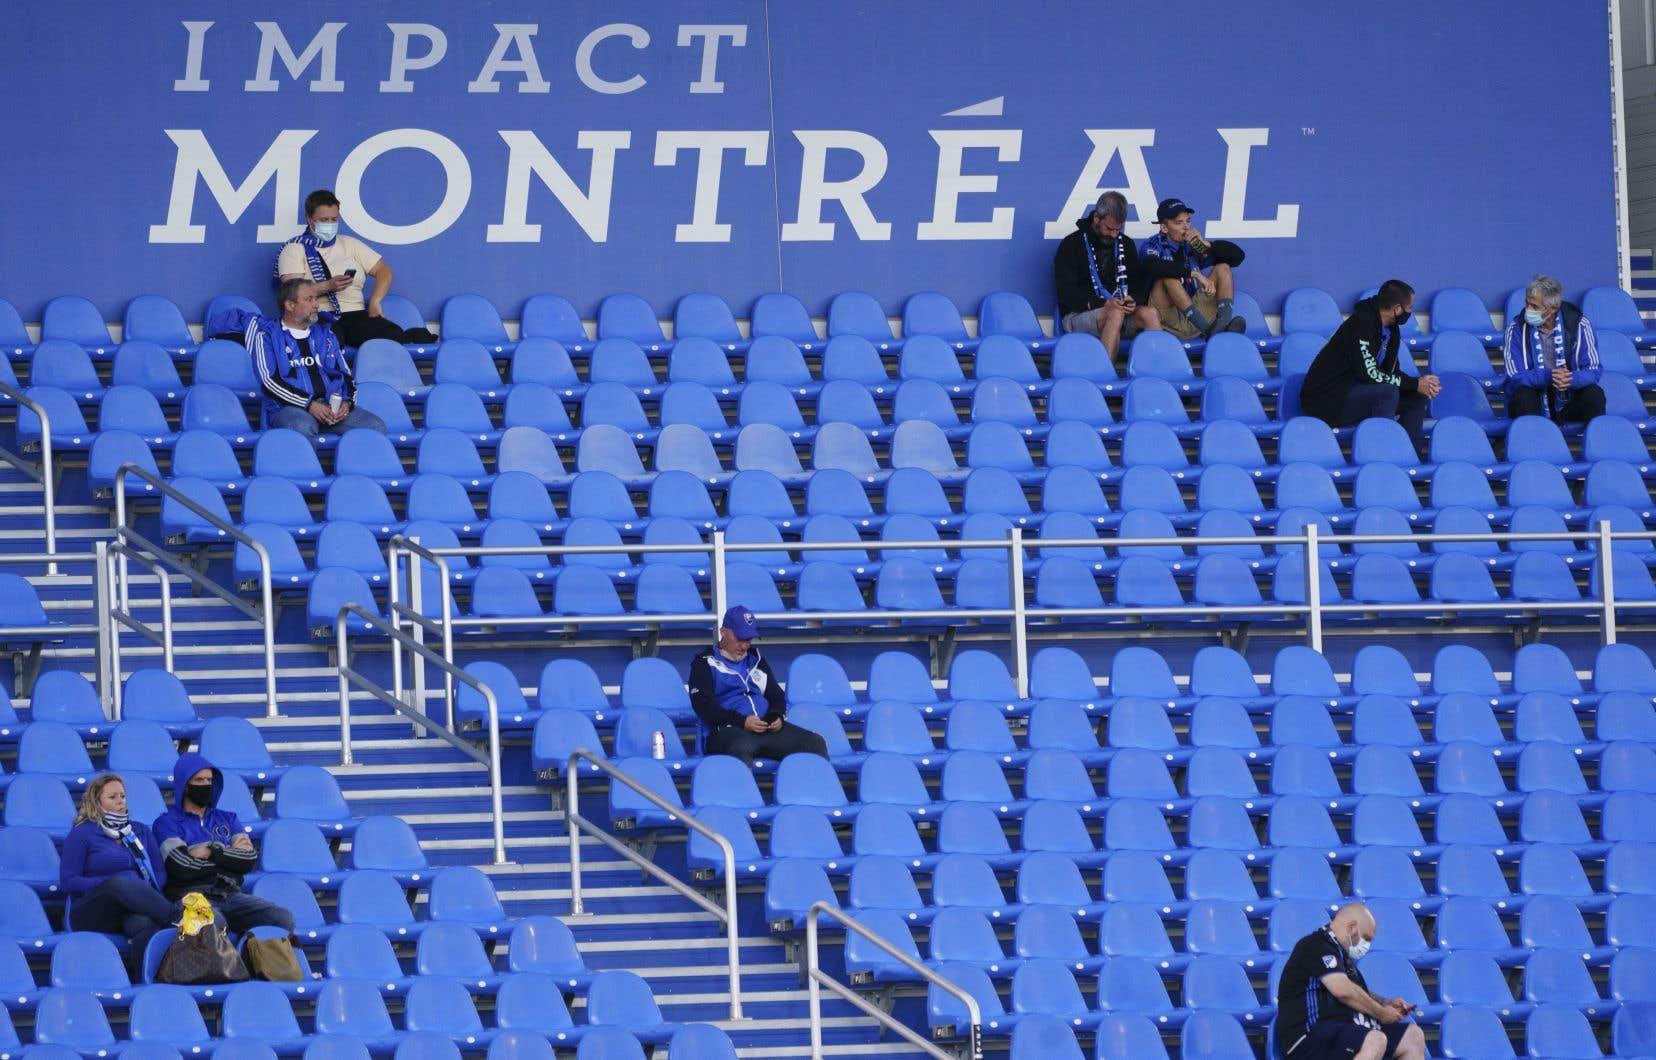 «En attirant des vedettes internationales et en participant à des compétitions mondiales, l'Impact pouvait prétendre à projeter et à faire rayonner dans le monde non seulement Montréal, mais l'ensemble du Québec», note l'auteur.